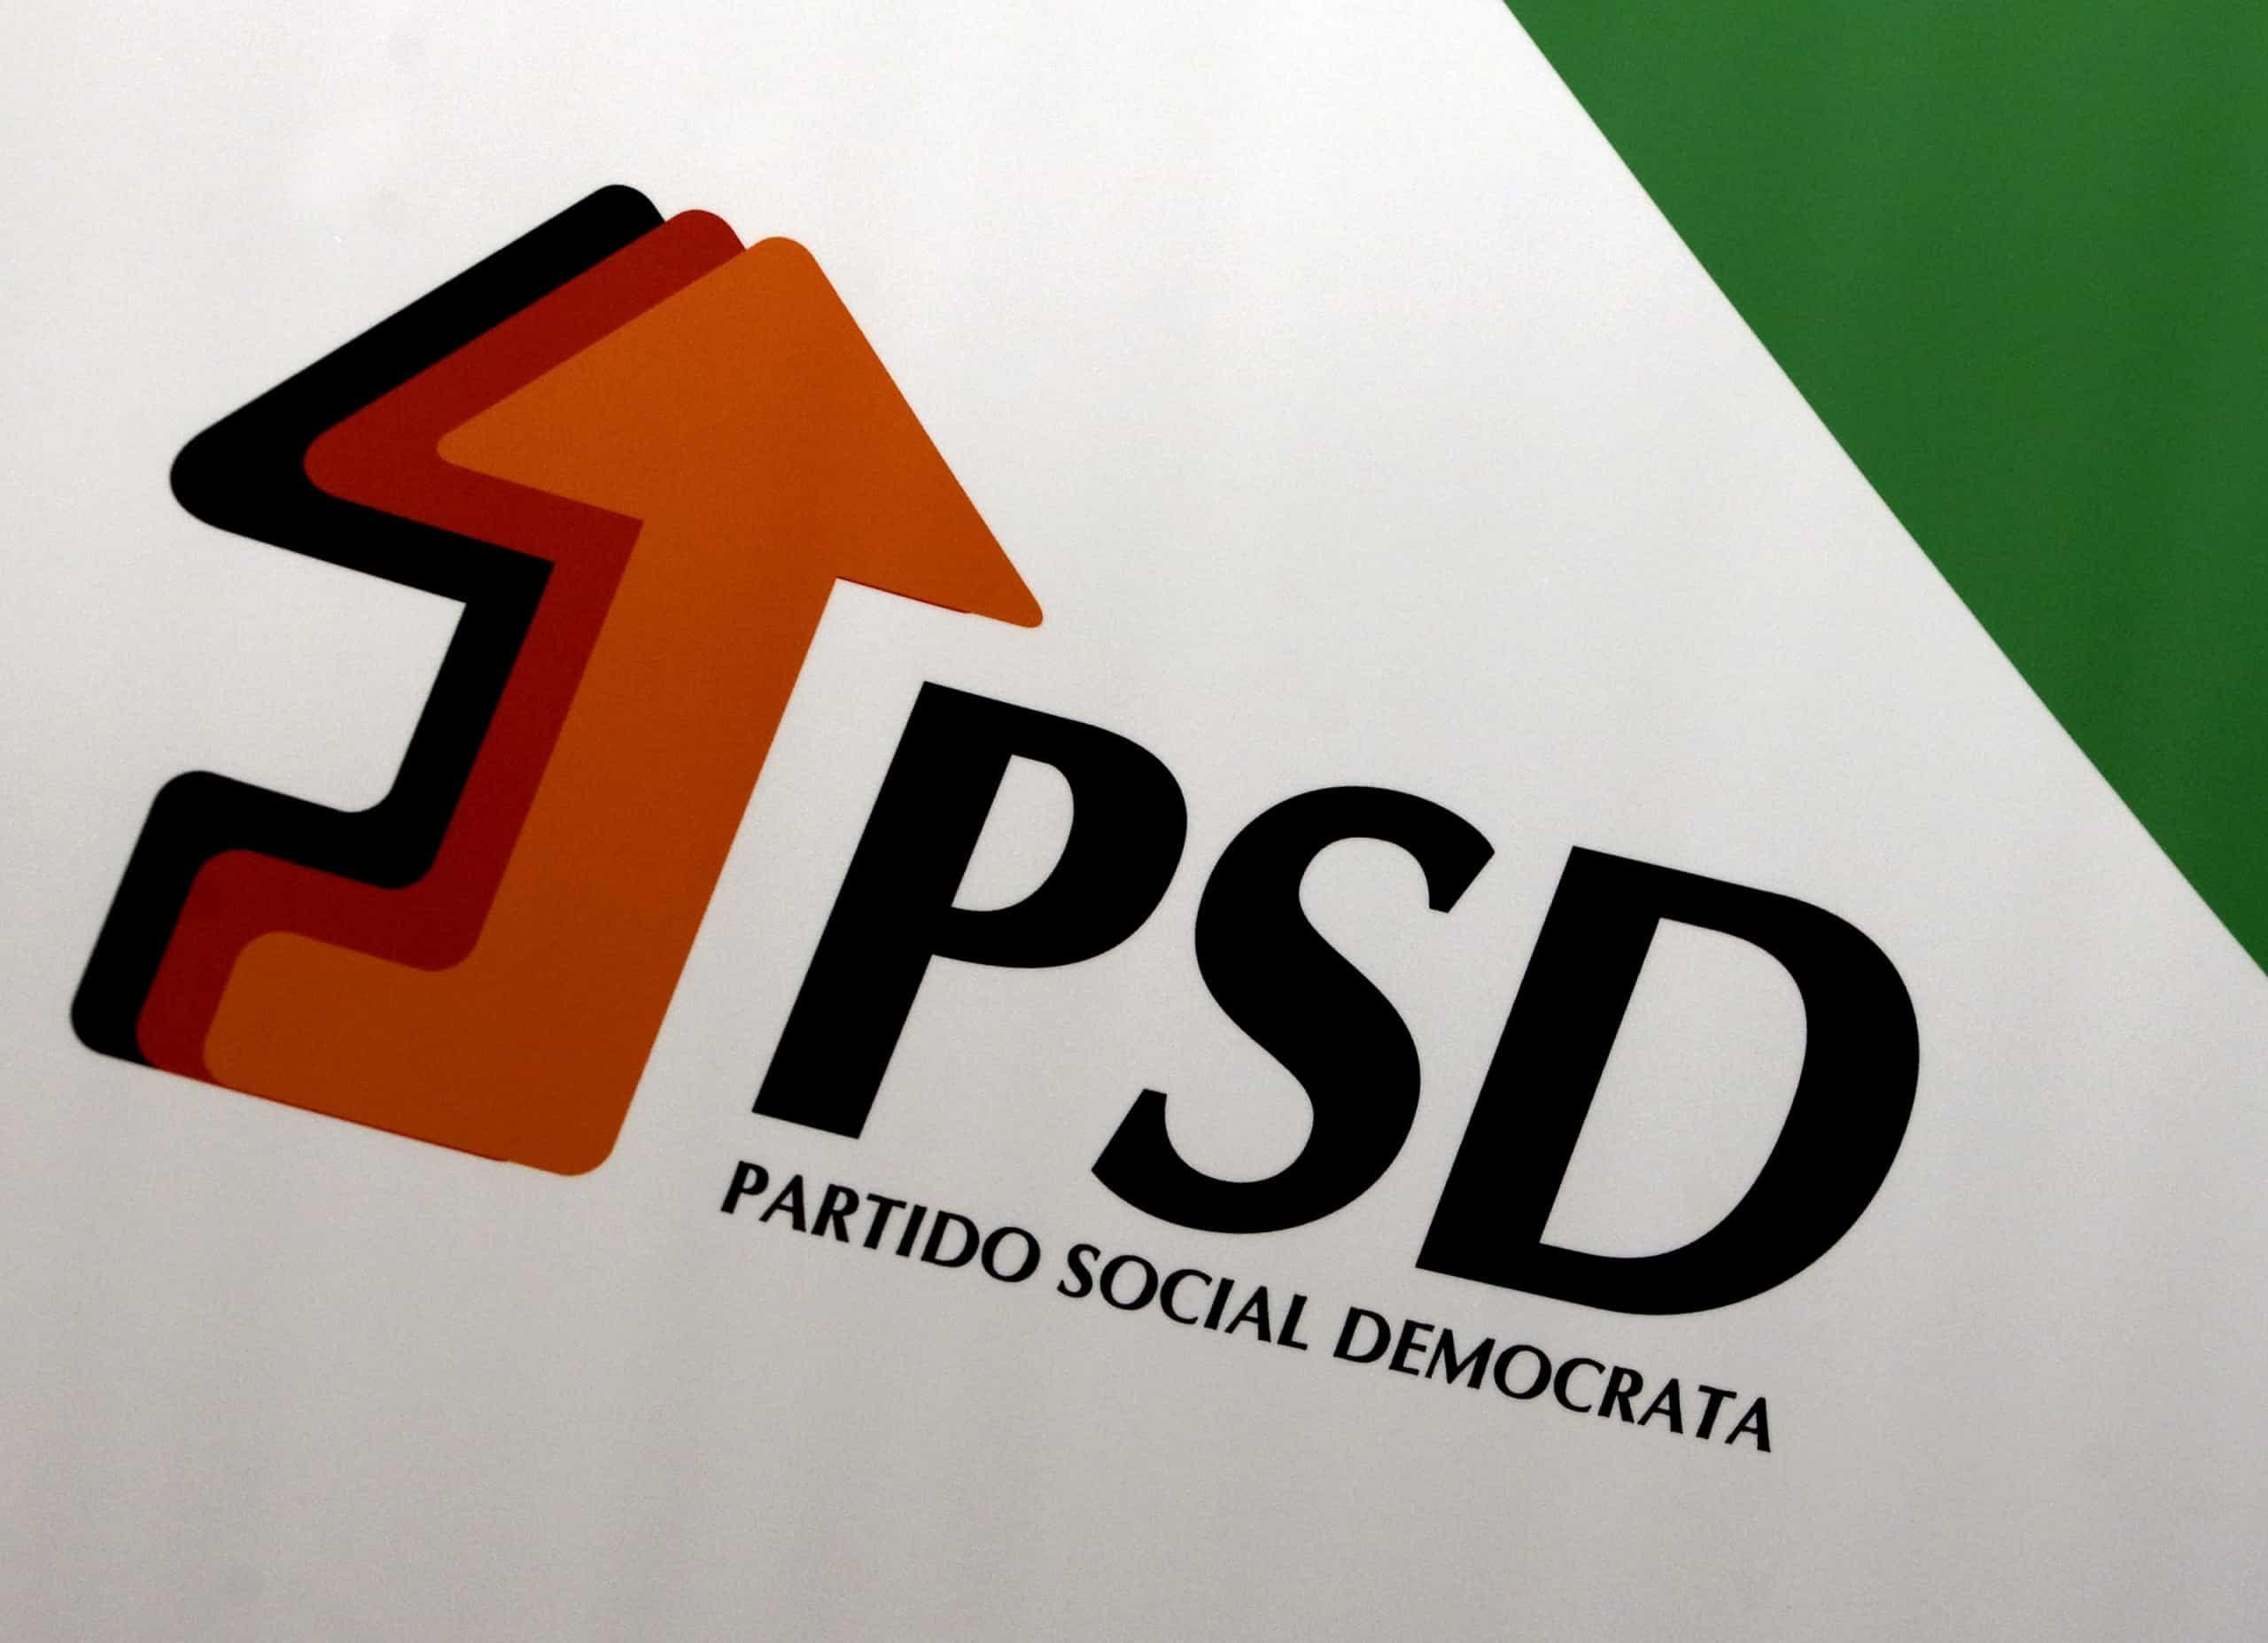 Reforma do sistema eleitoral no programa para as legislativas do PSD